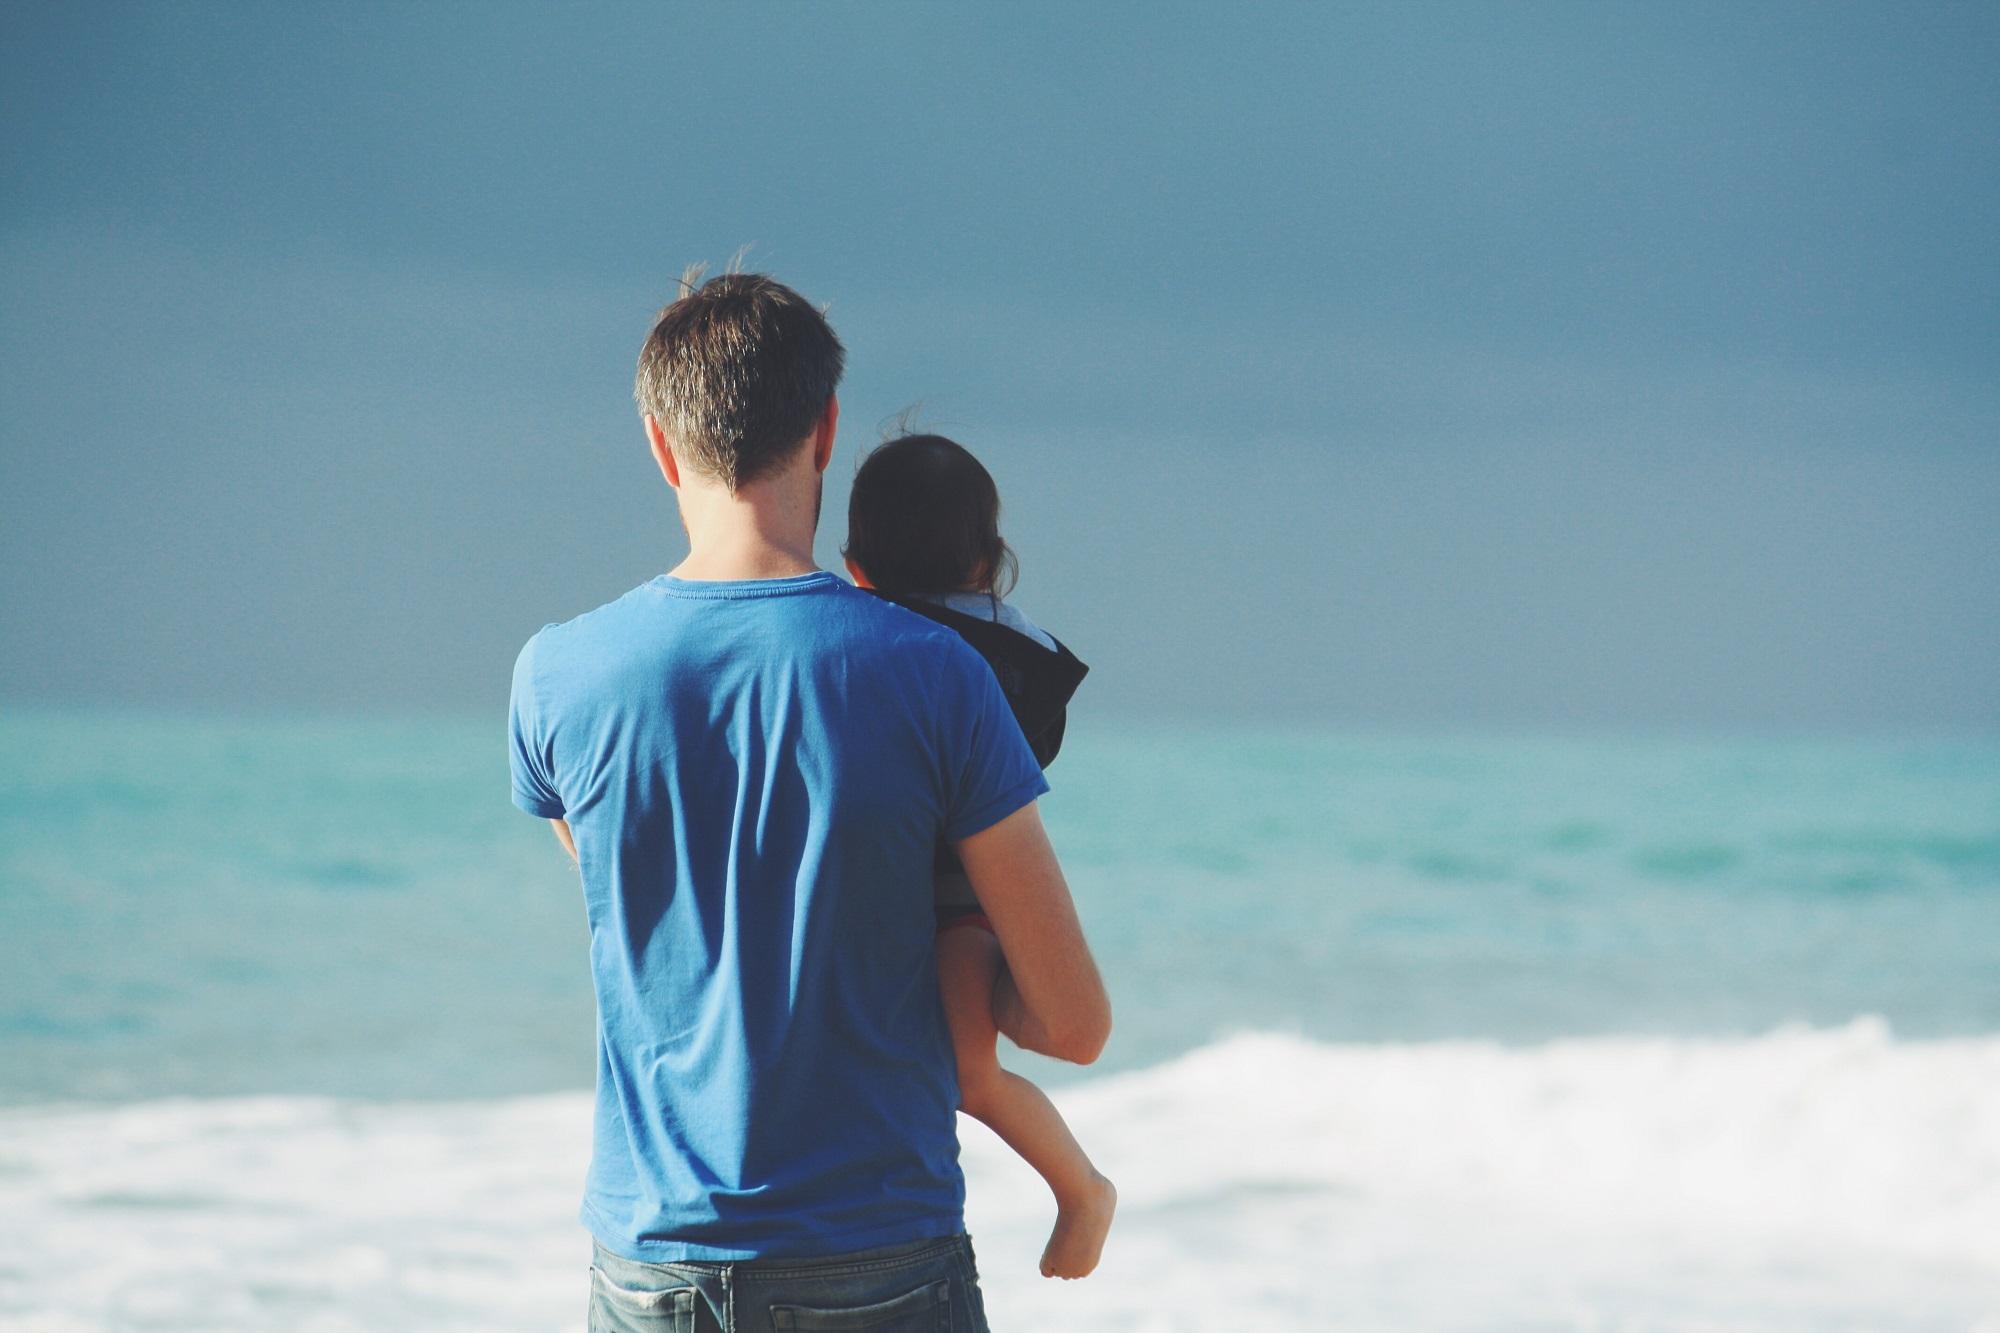 Vater mit Kind im Urlaub am Meer